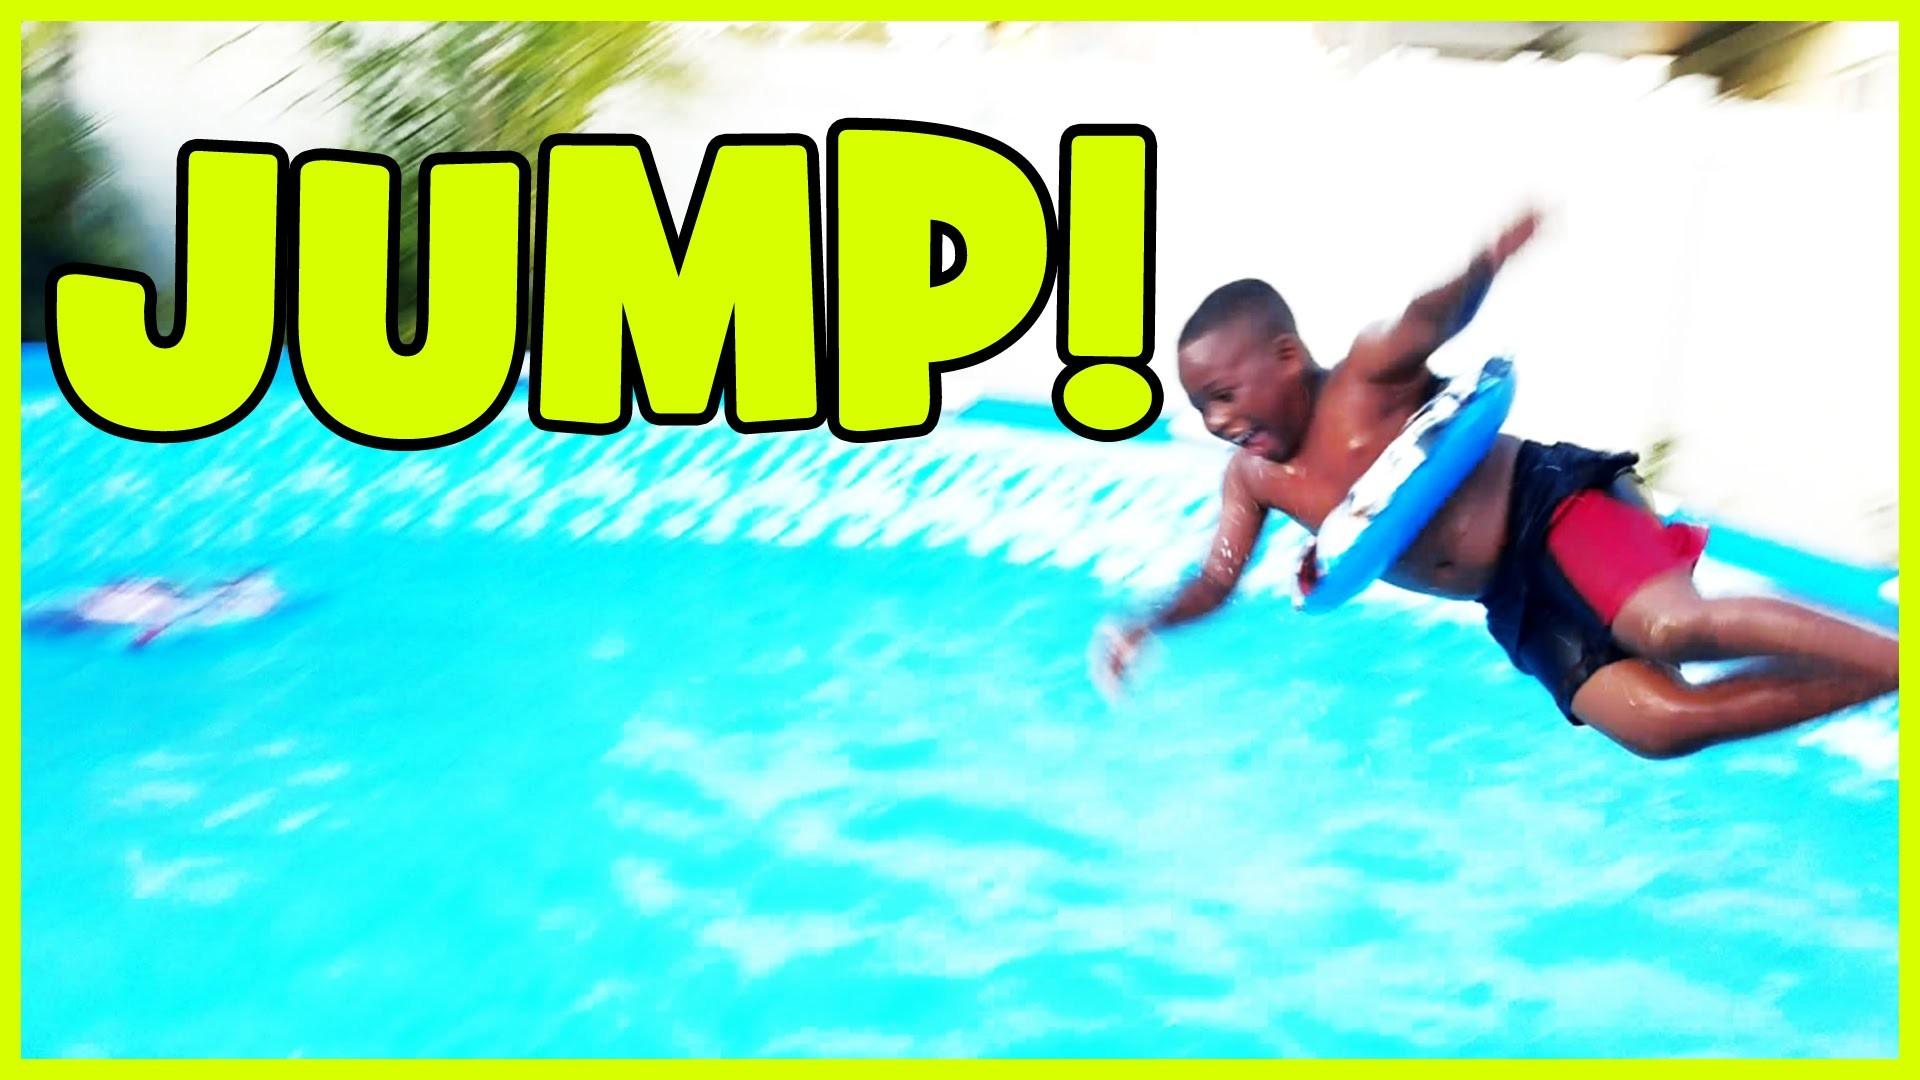 Kids Enjoying Diving in the Swimming Pool